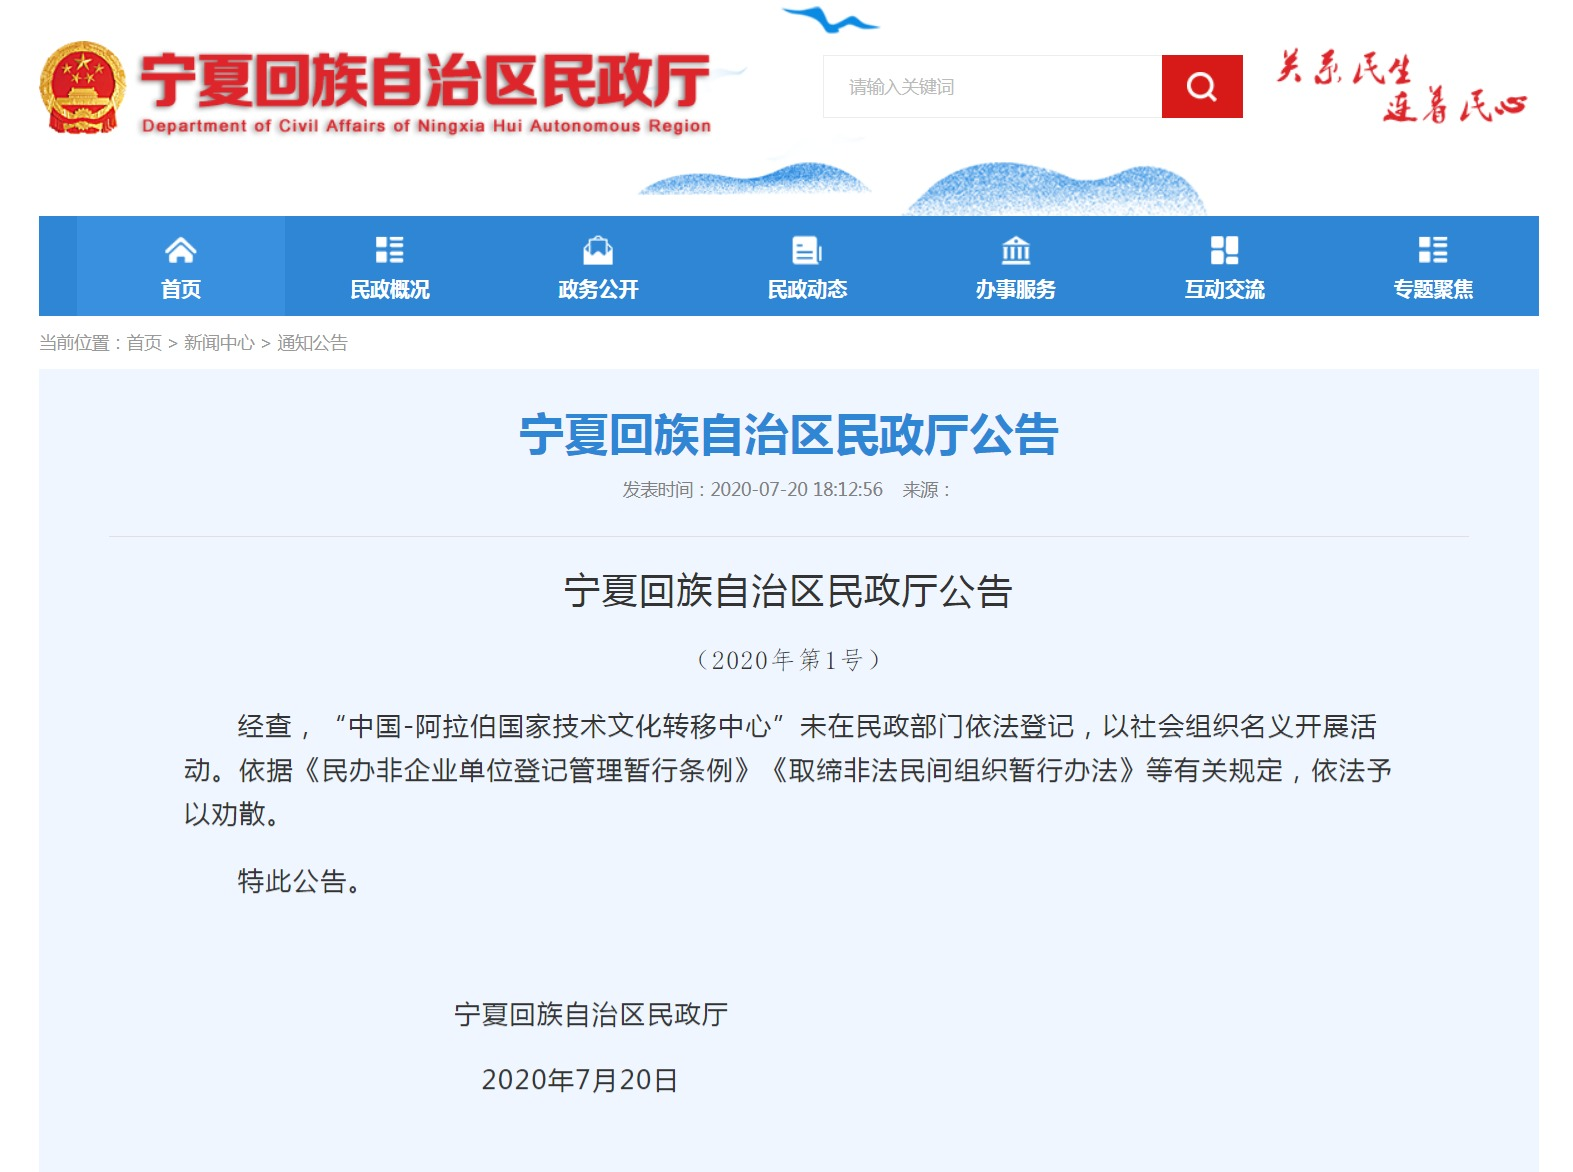 【杏悦】官方中国-阿拉伯国杏悦家技术文化转移图片